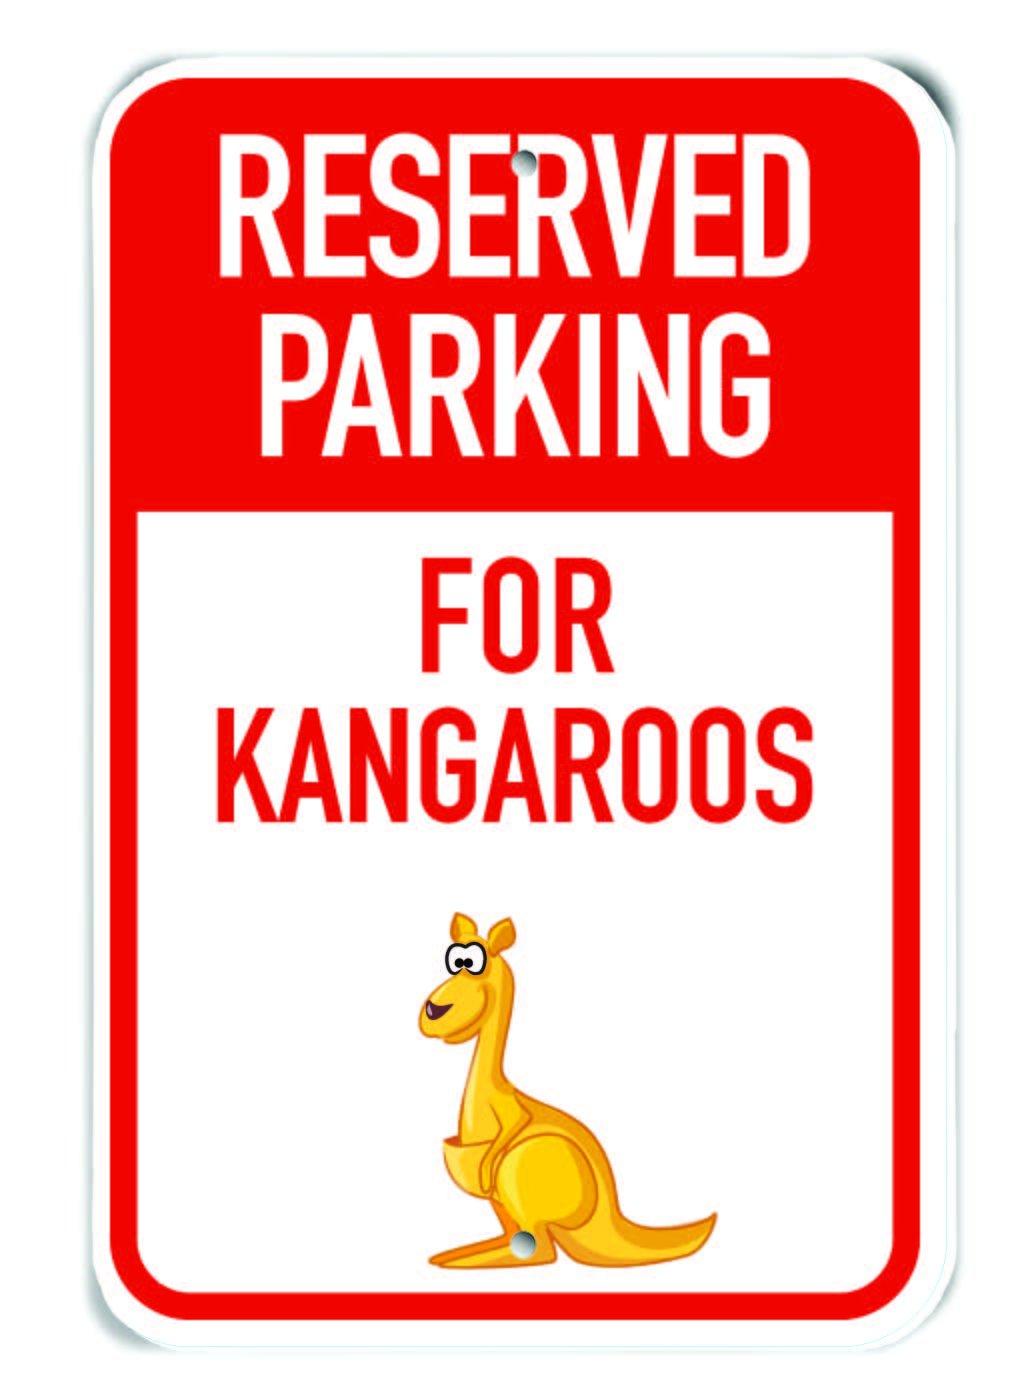 Adult Kangaroo Aluminum Sign 12 x 18 Cartoon Adult Kangaroo PetKa Signs and Graphics PKRP-0158-NA/_Reserved Parking for Kangaroos